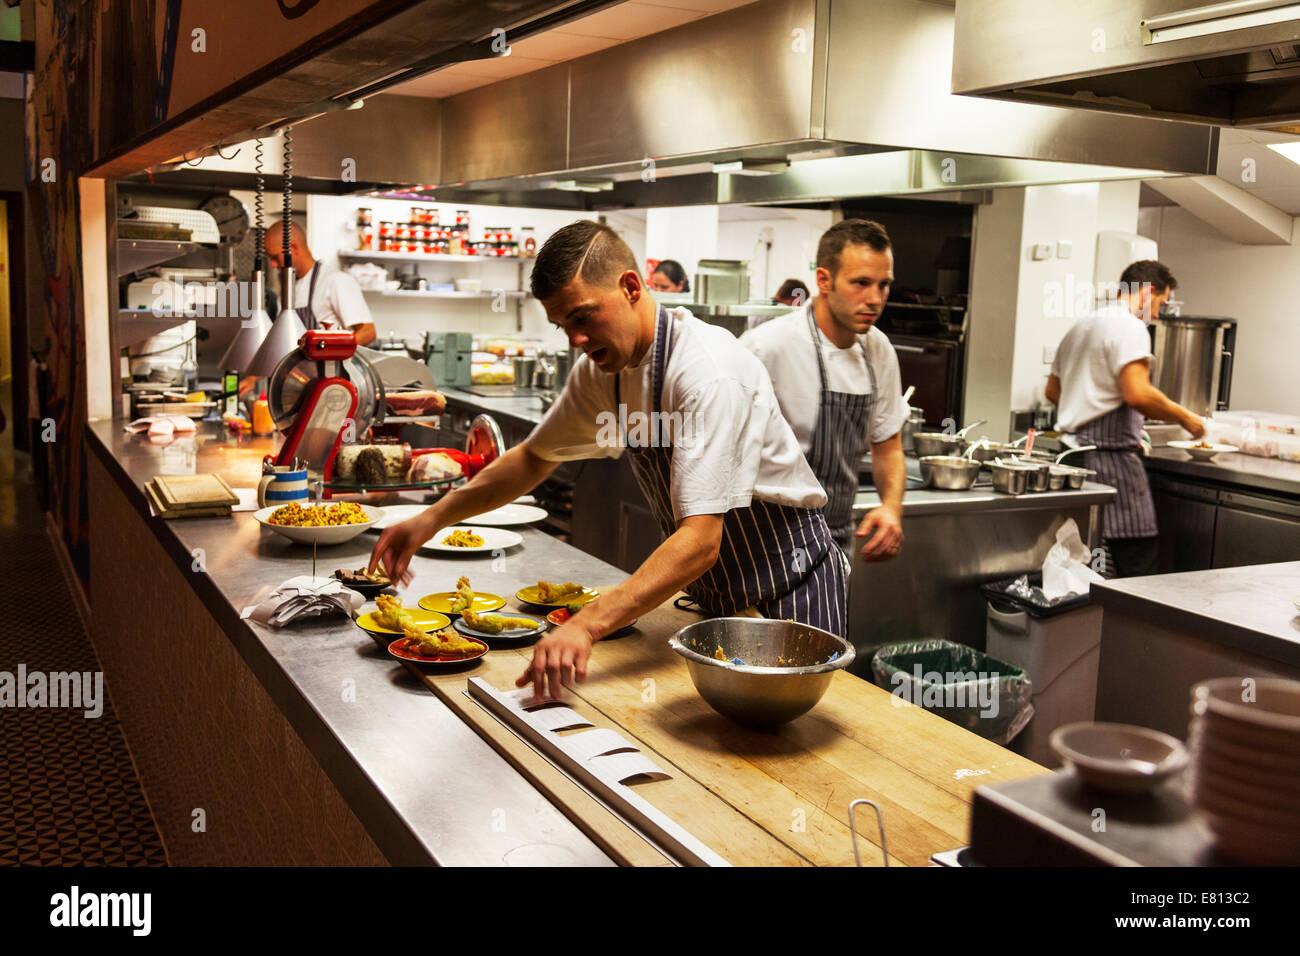 Jamie S Kitchen Restaurant